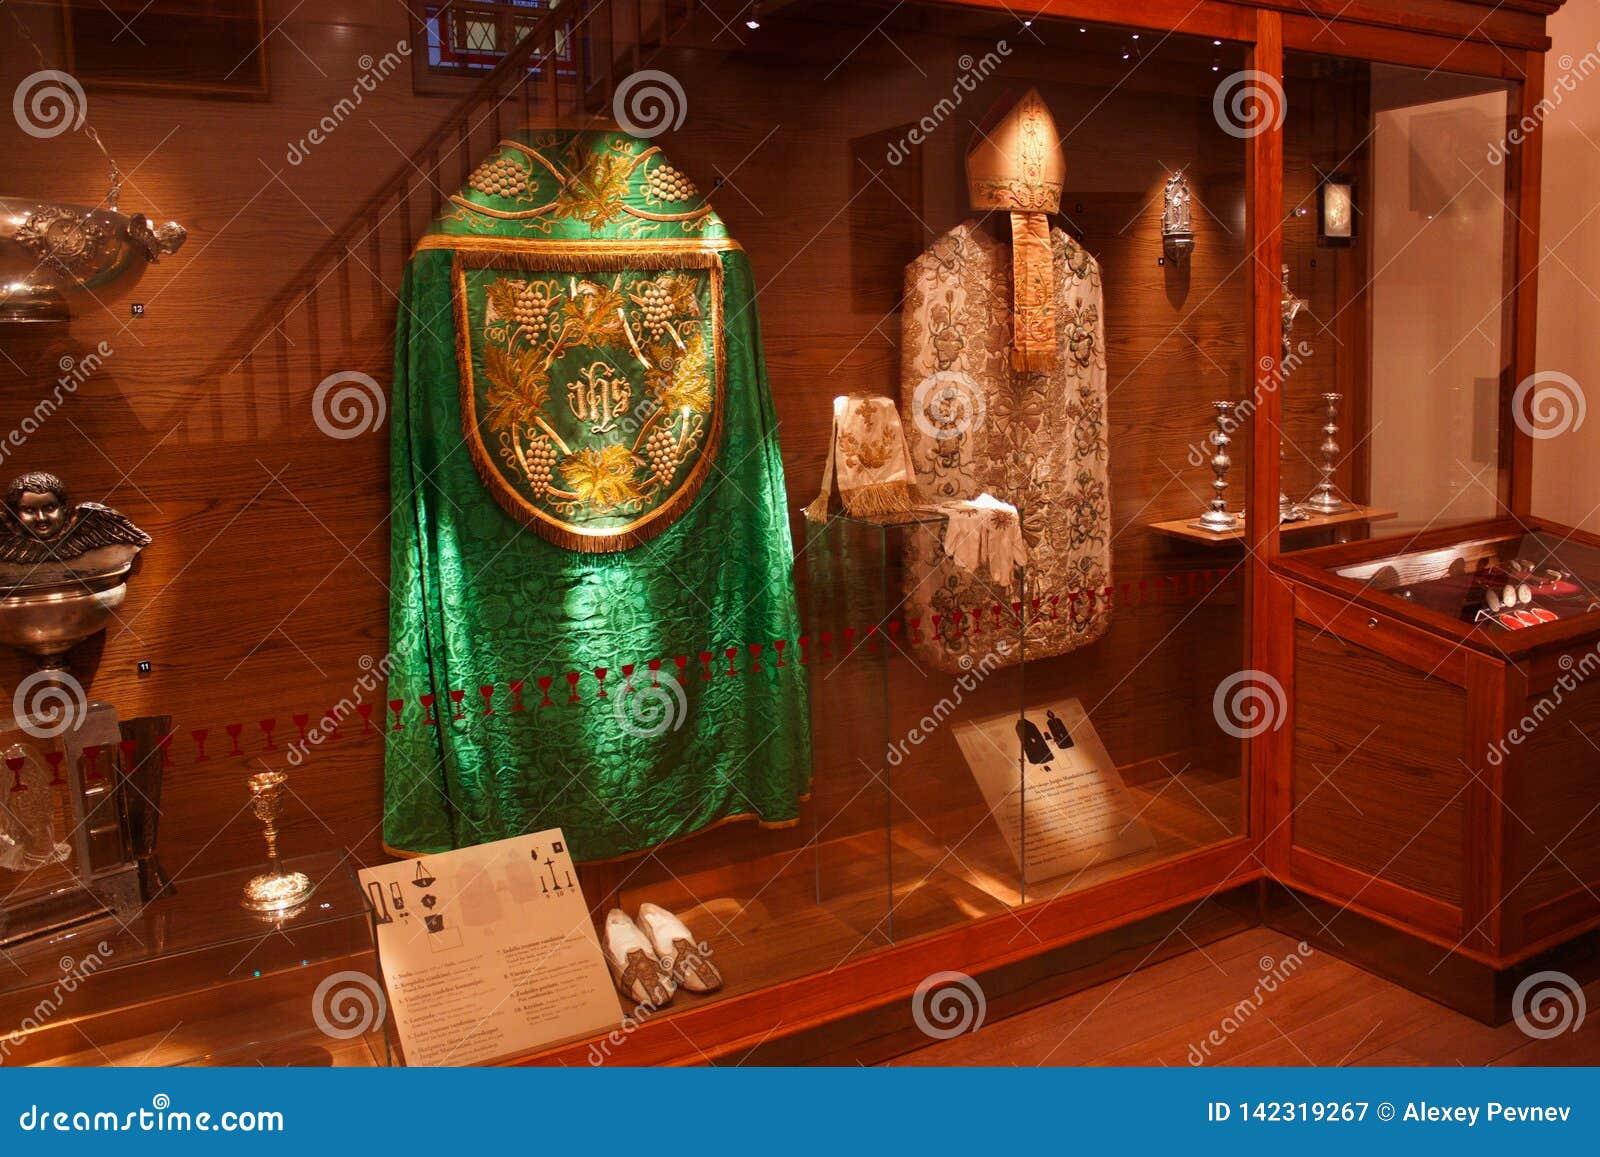 TRAKAI, LITUANIA - 2 DE ENERO DE 2013: Vestiduras históricas de sacerdotes católicos en museo del arte sagrado